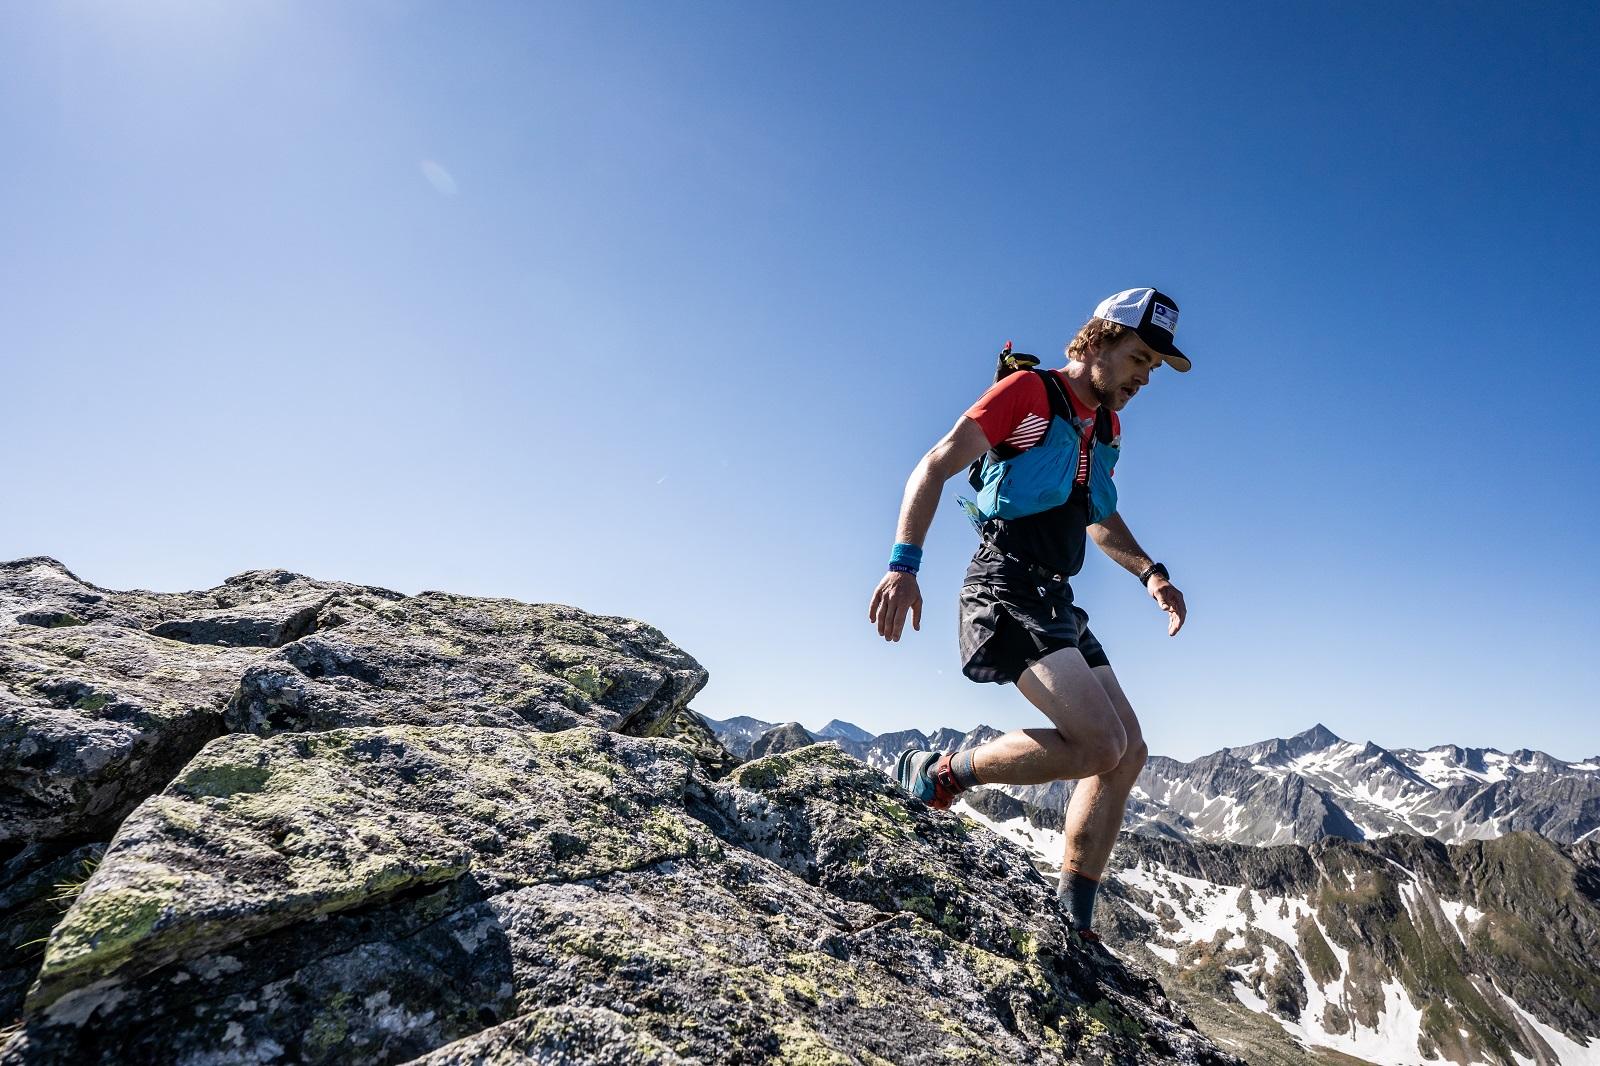 der zweite Staffelläufer am Berg